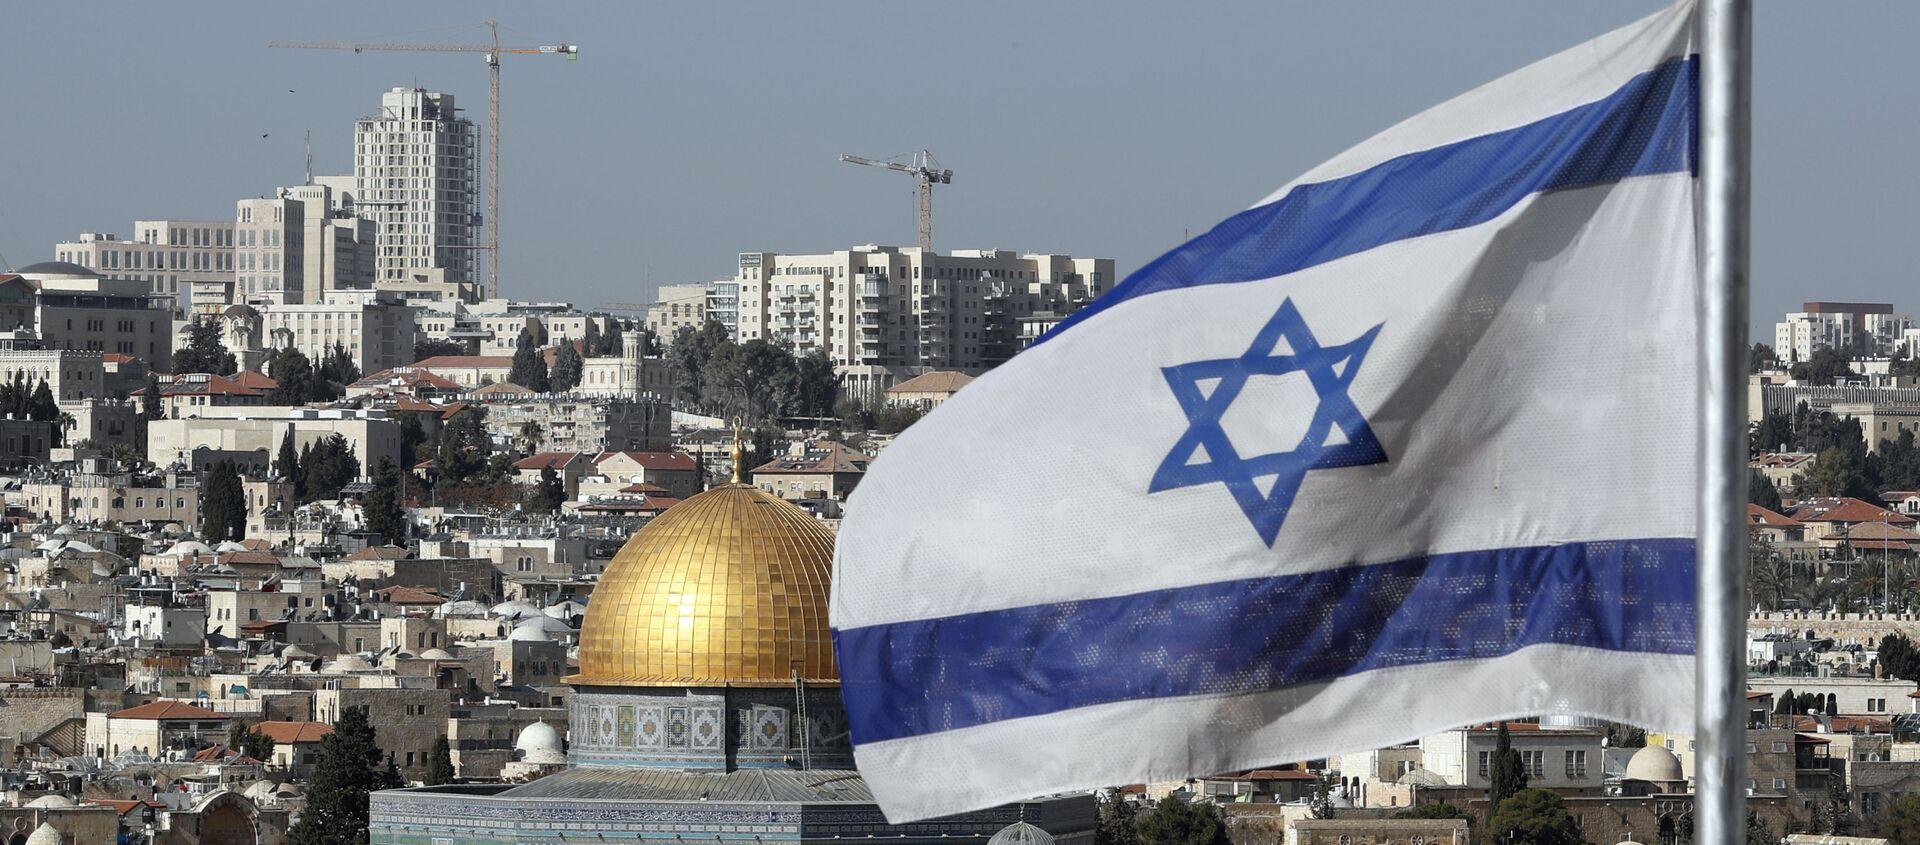 Bandiera israeliana Gerusalemme - Sputnik Italia, 1920, 06.08.2020